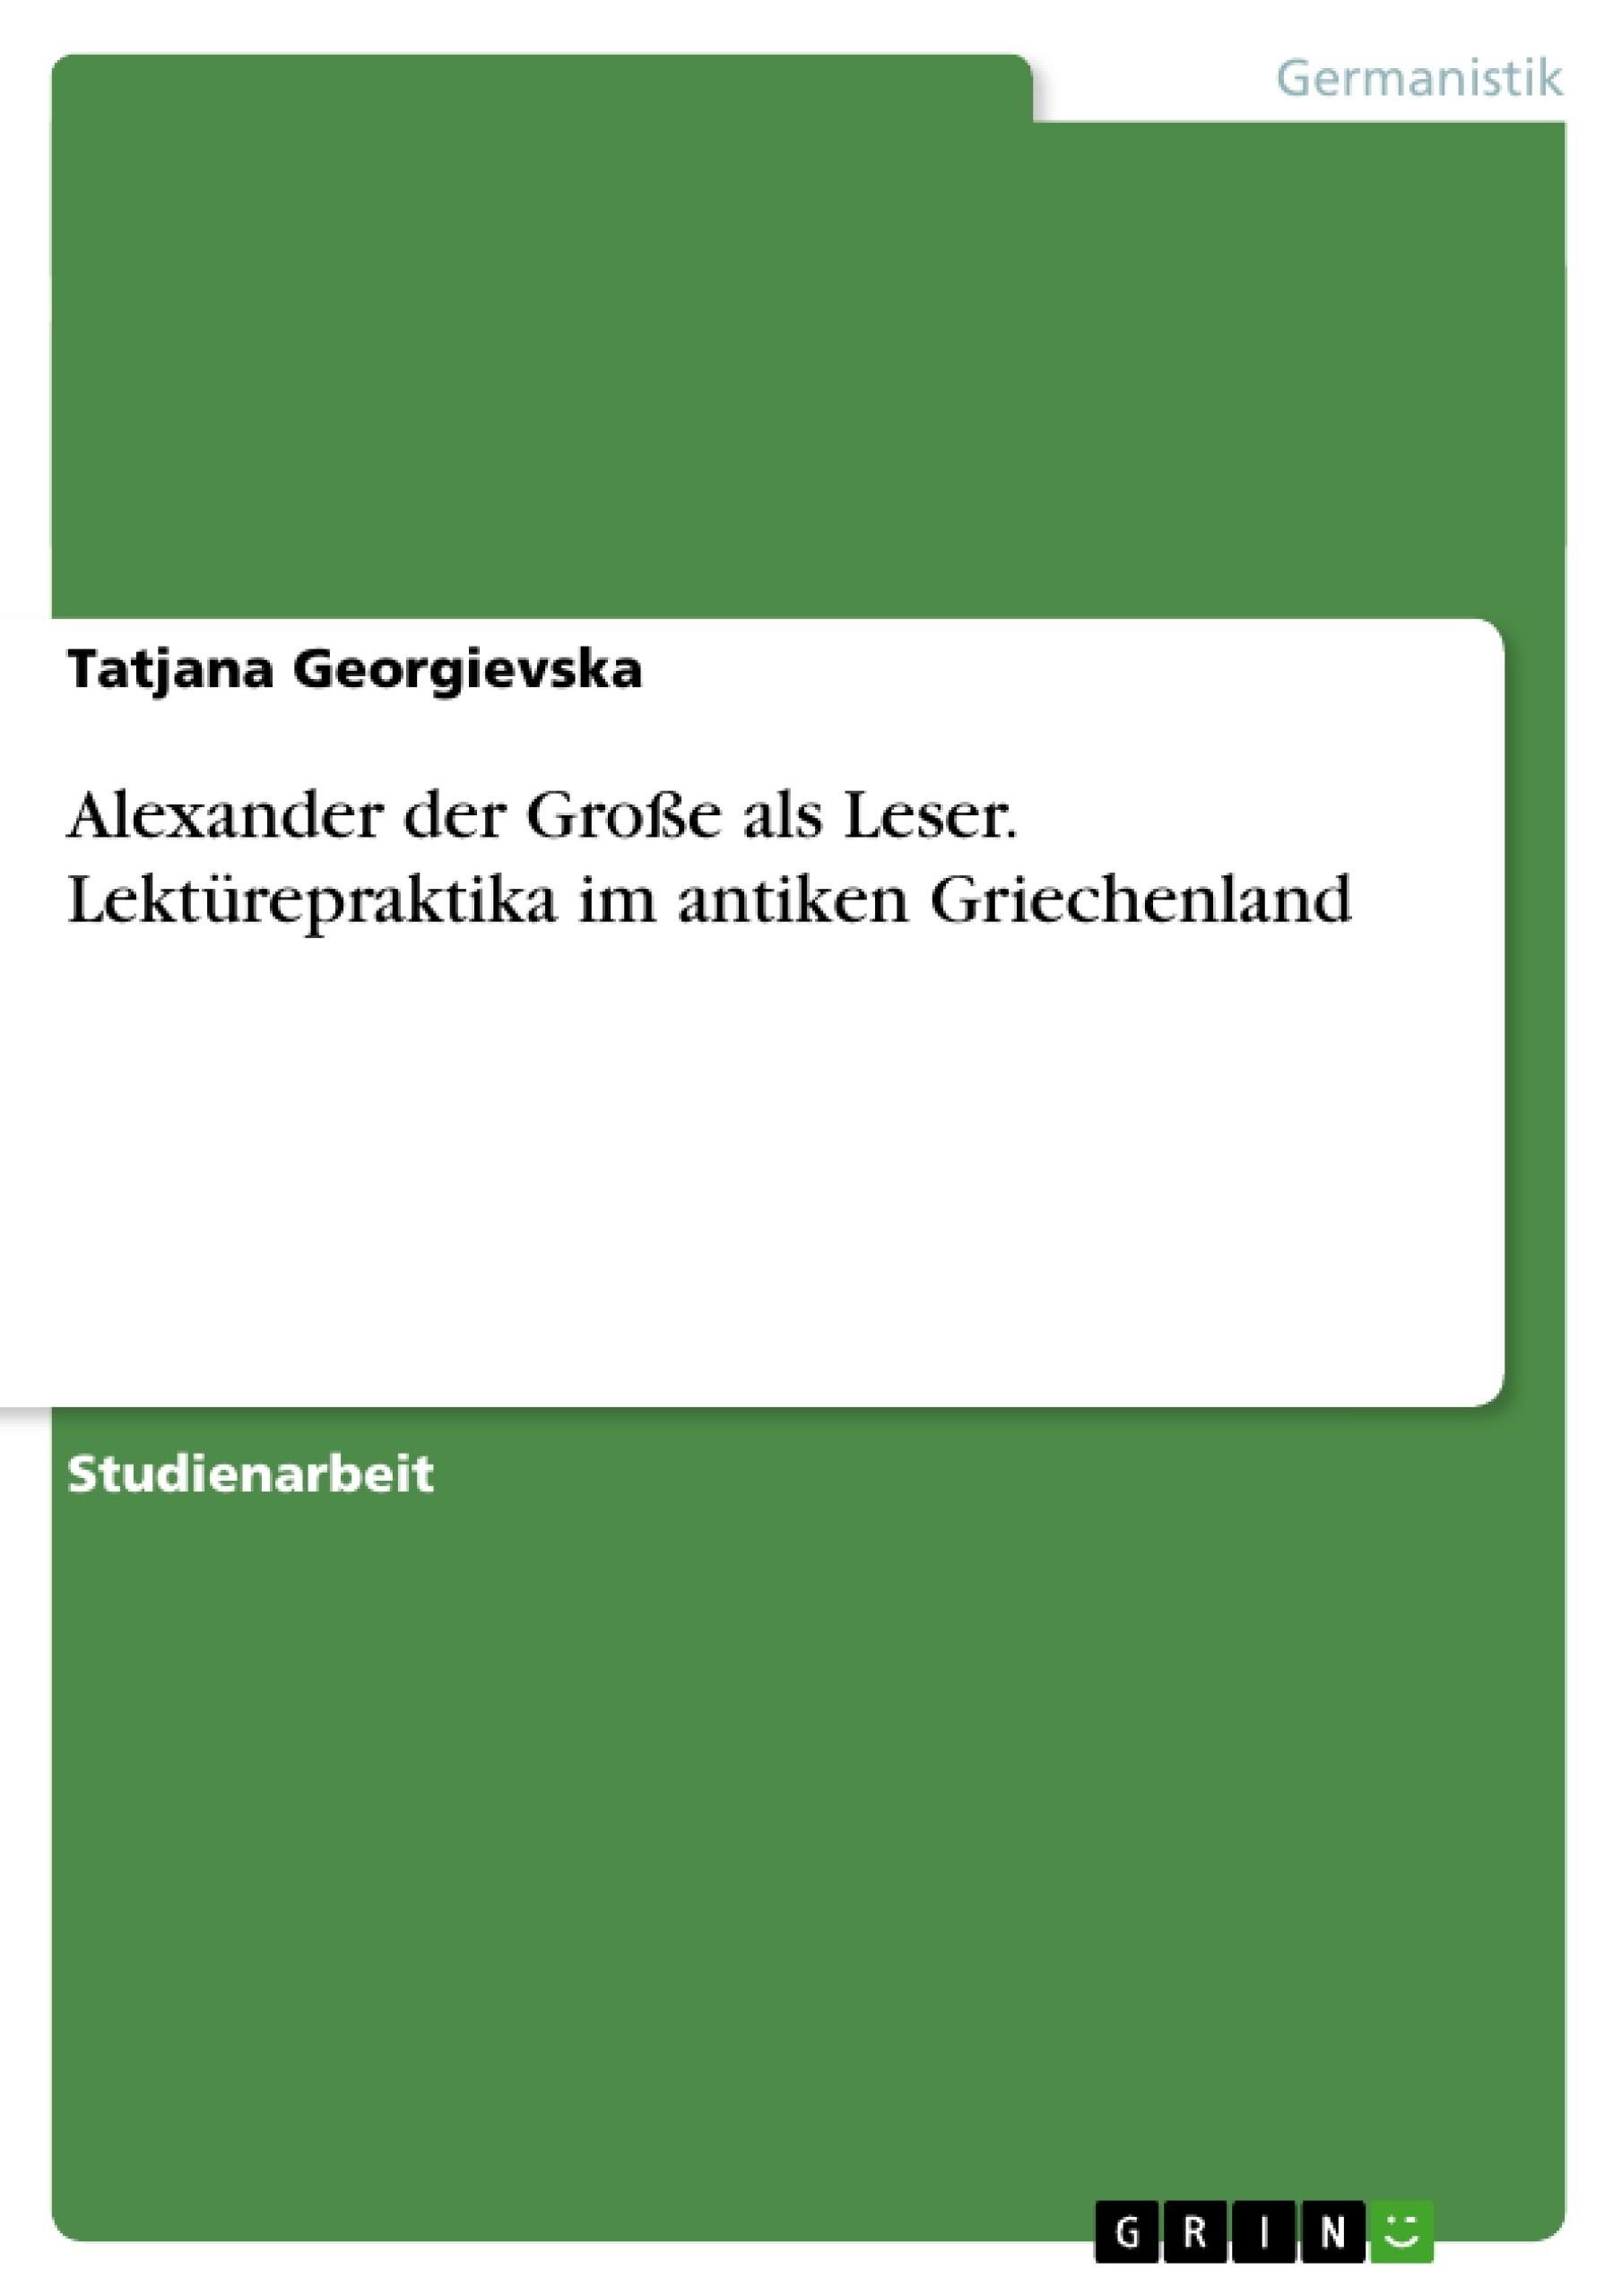 Titel: Alexander der Große als Leser. Lektürepraktika im antiken Griechenland